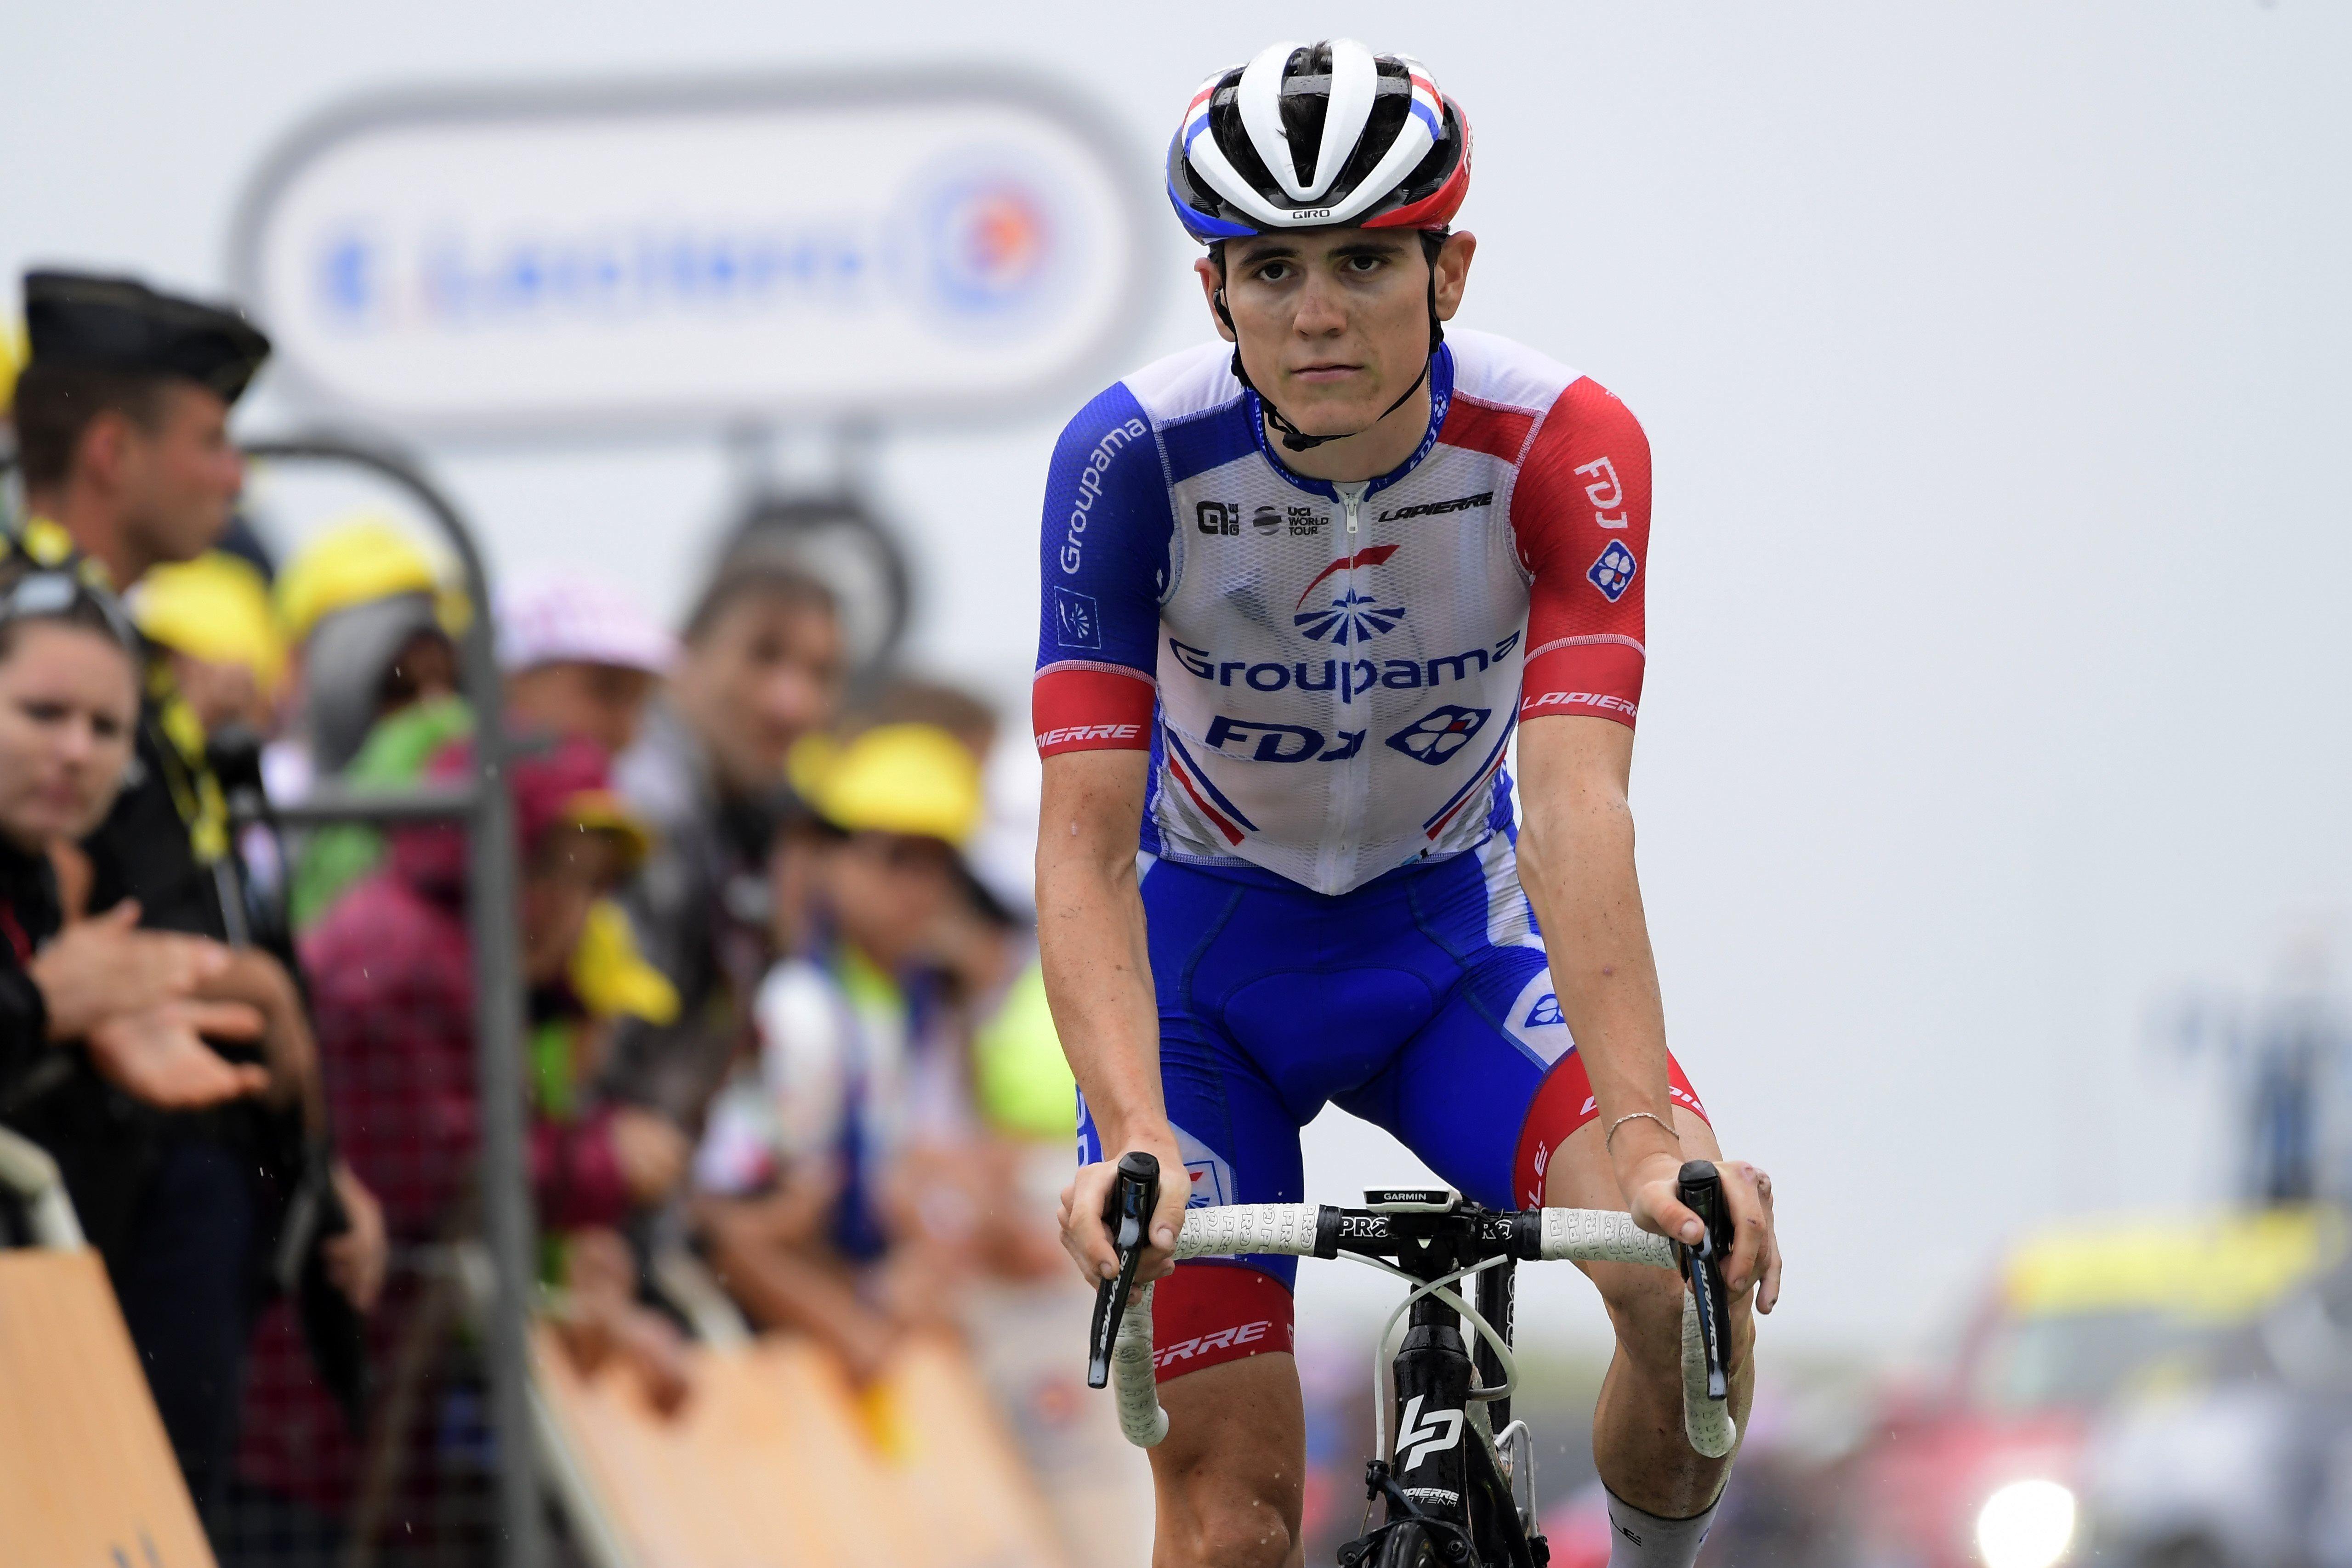 Cyclisme - Tour de France - David Gaudu, l'ange gardien dans l'ombre de Pinot